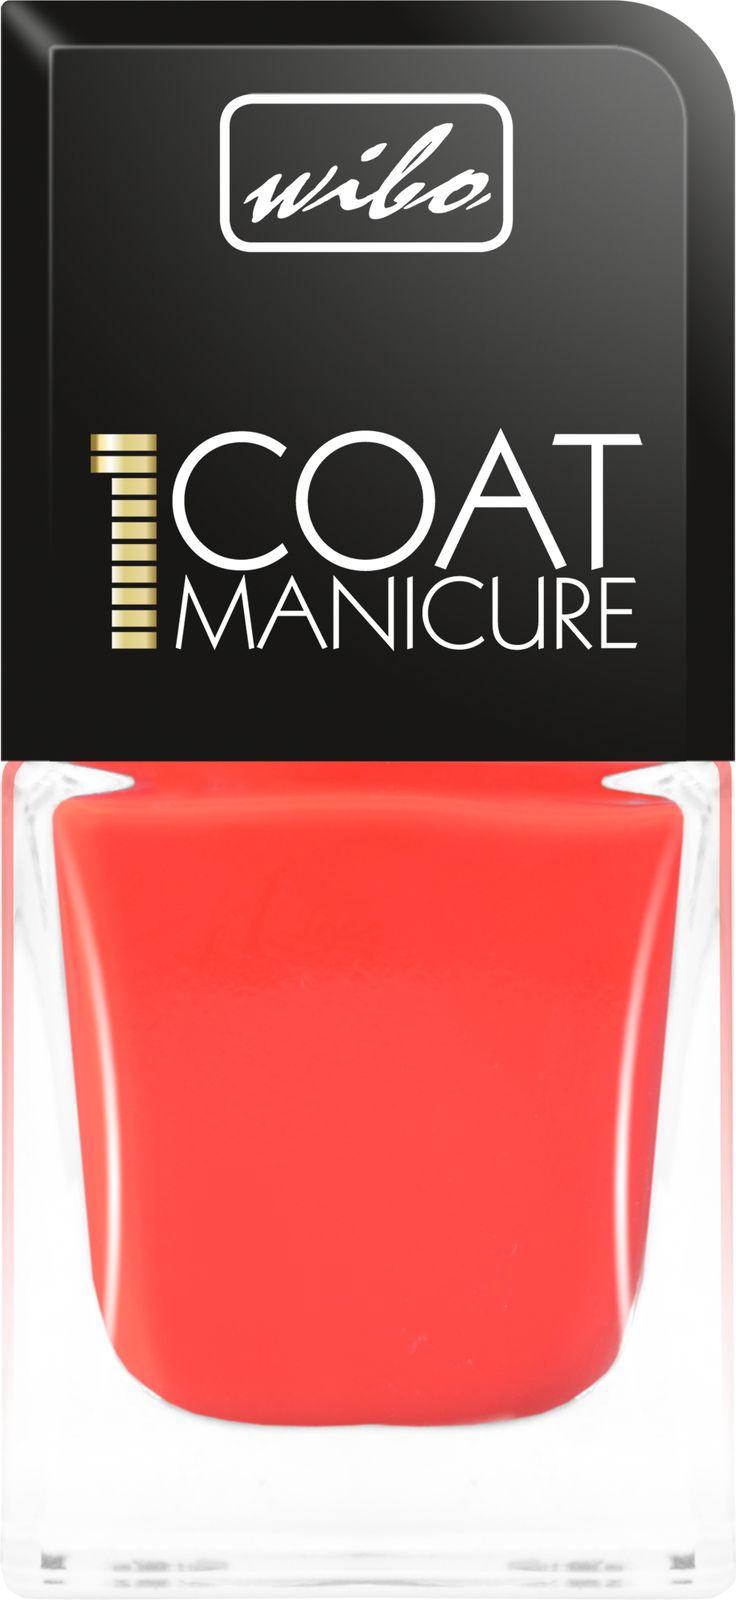 lakier do paznokci 1Coat Manicure  #wibo #wibopl #wibokosmetyki #manicure #1CoatManicure